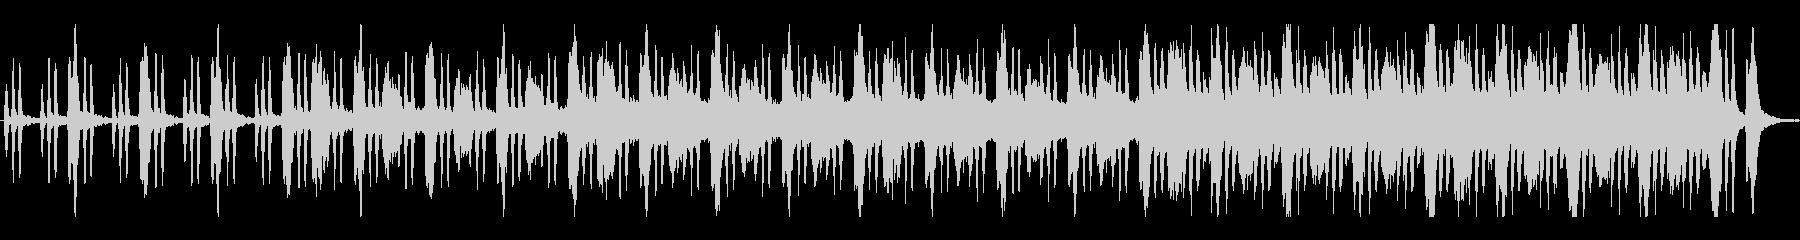 鬱蒼とした空気の不気味なBGMの未再生の波形